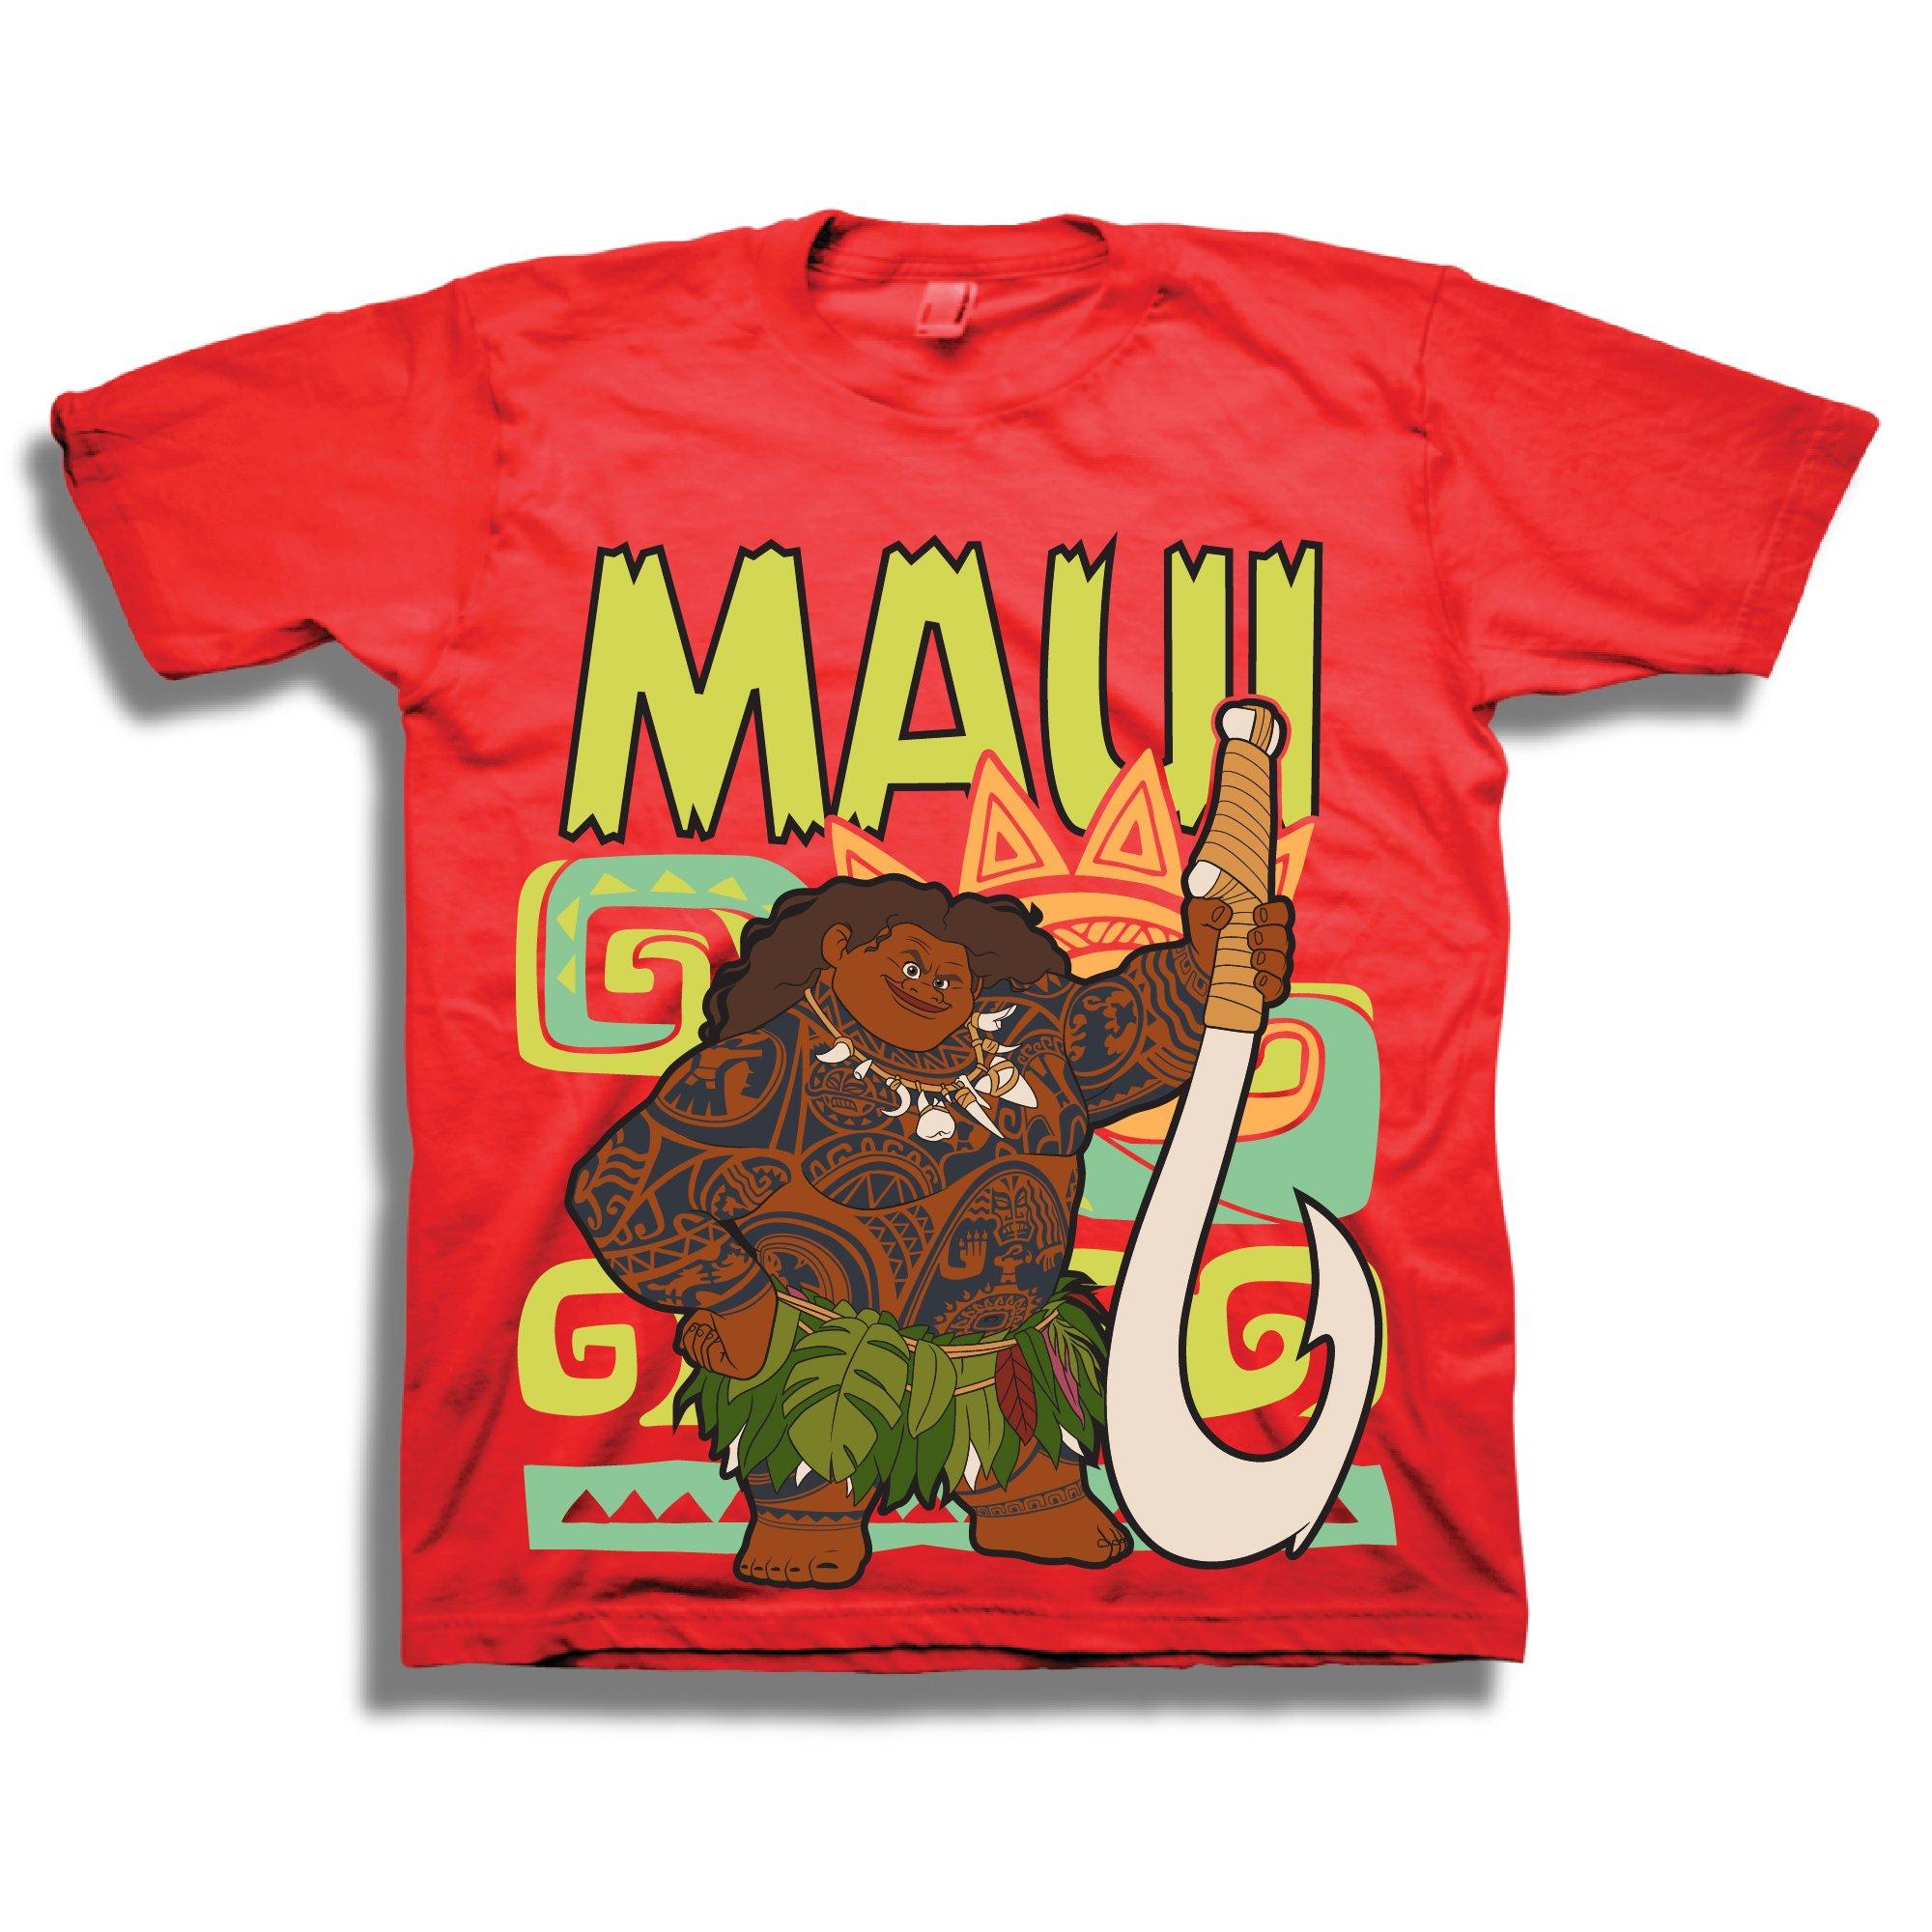 Disney's Pixar Moana Maui Shirt - 2 Pack of Moana Tees - Featuring Moana and Maui (Red/Light Blue, 4T) by Moana (Image #2)